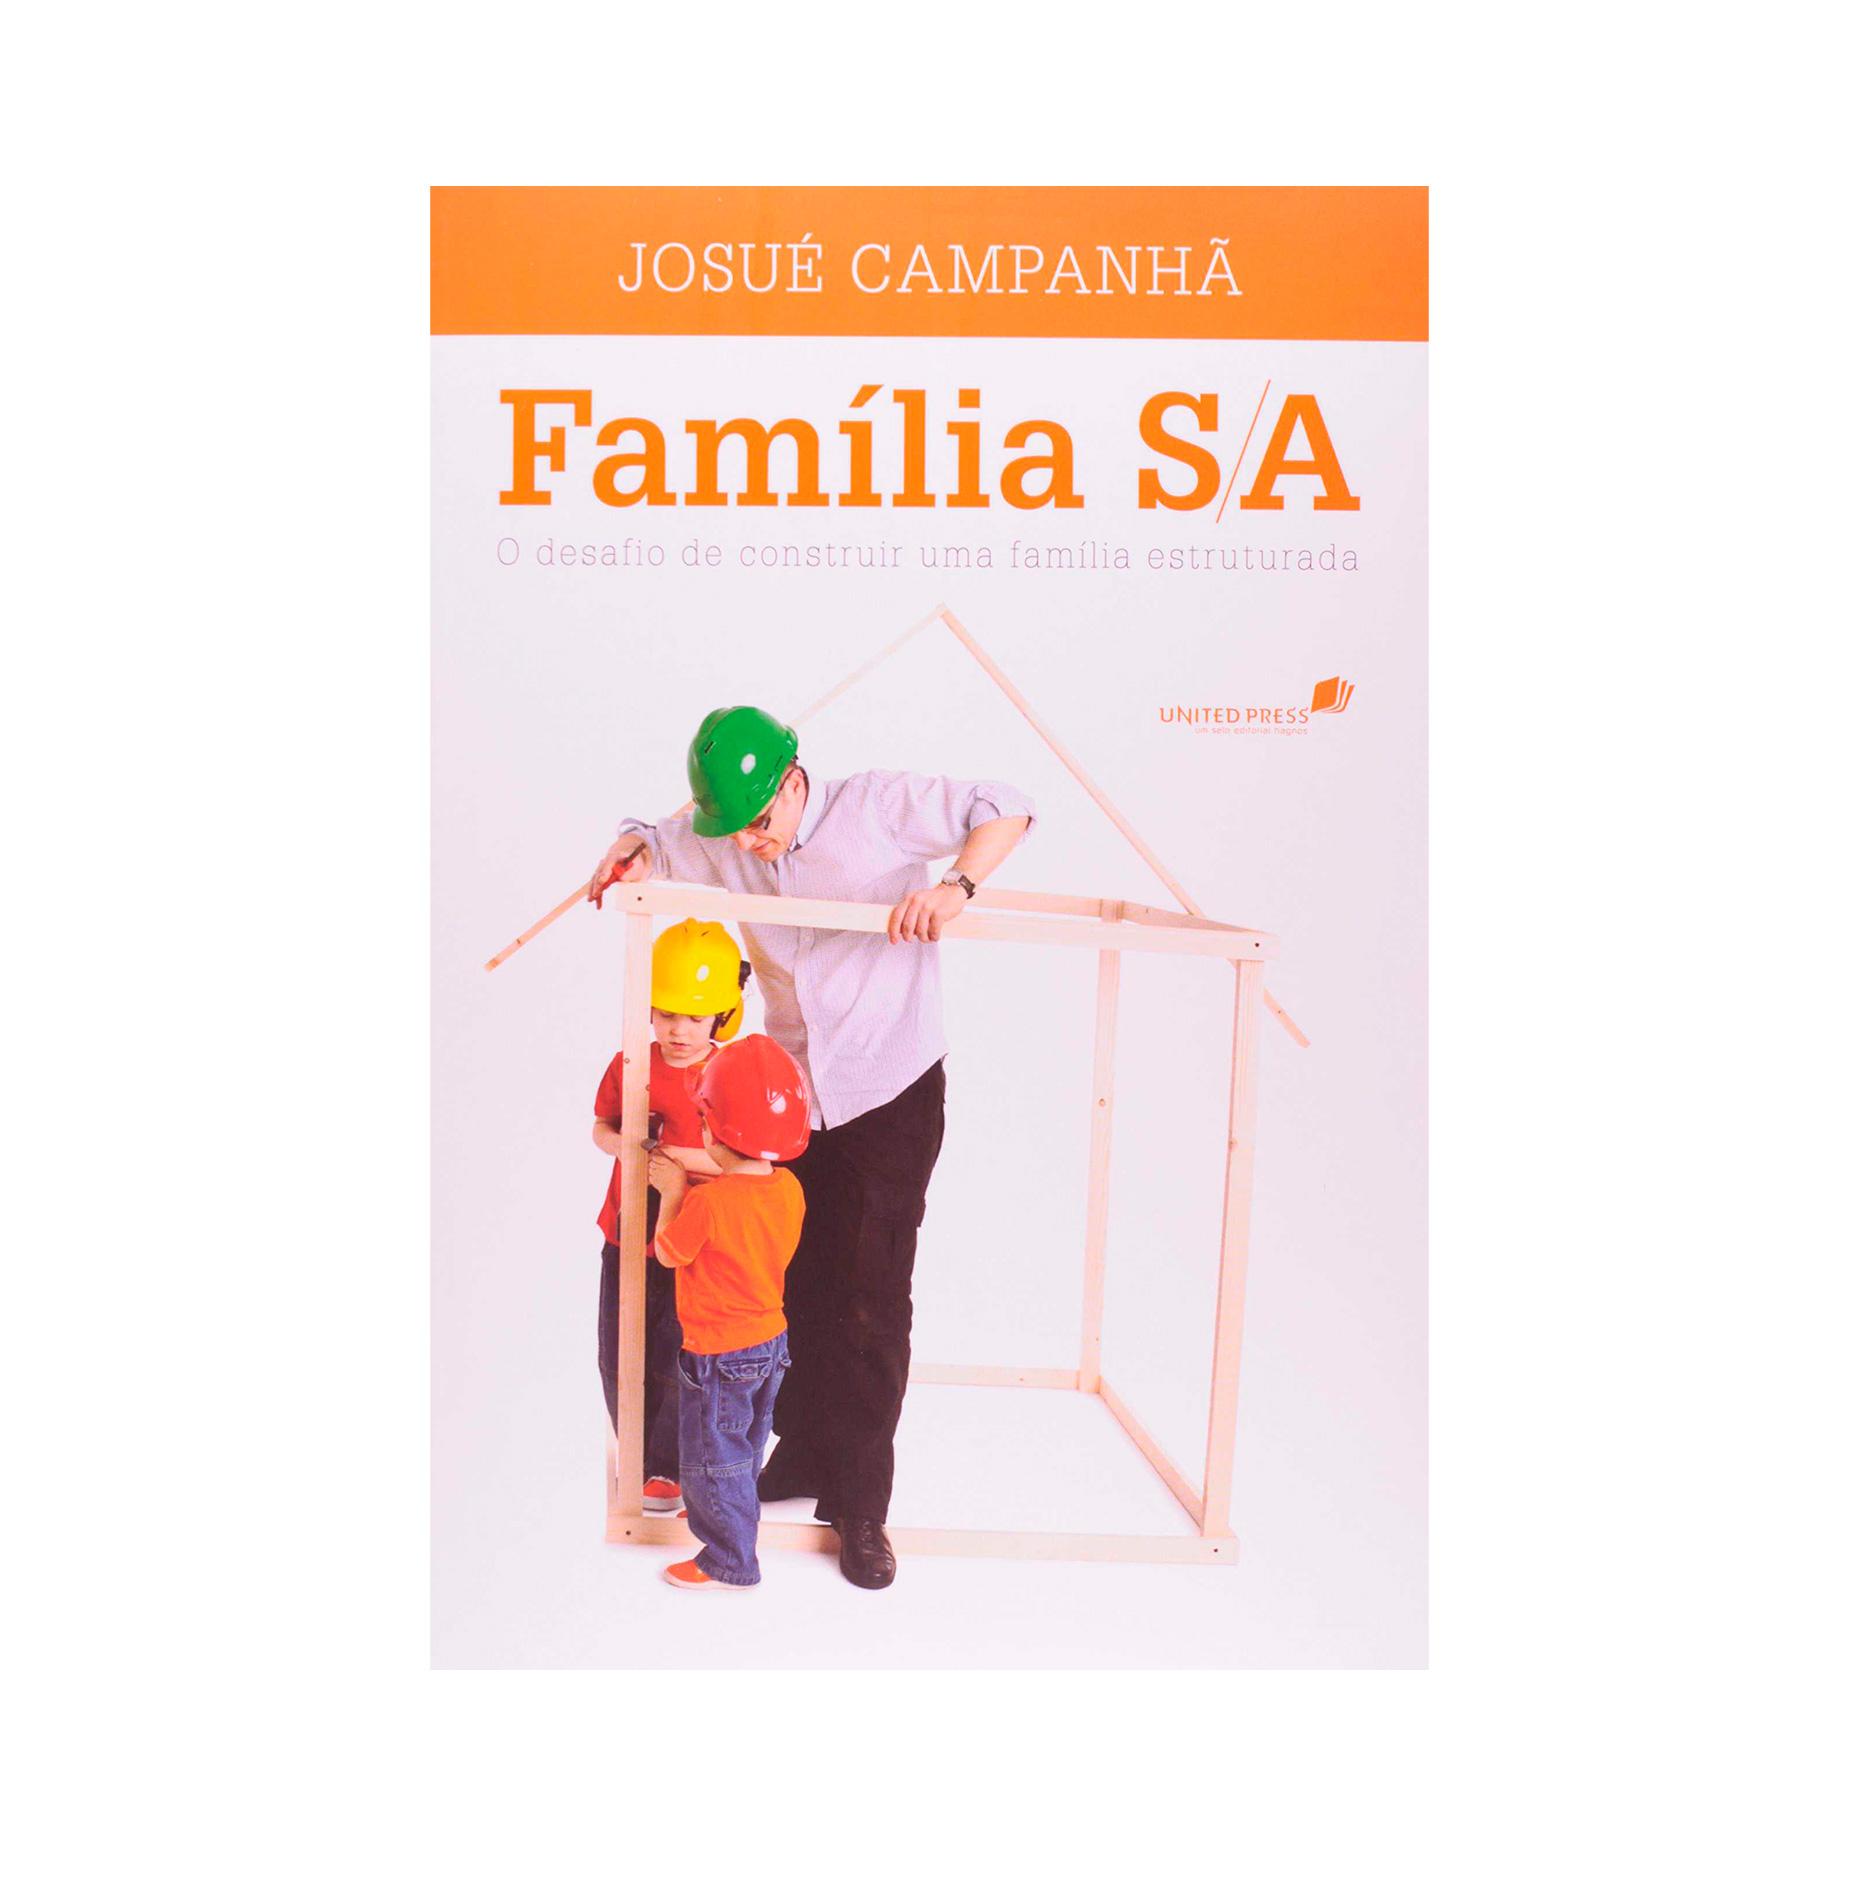 Livro - Familia S/A  - Loja Amo Família